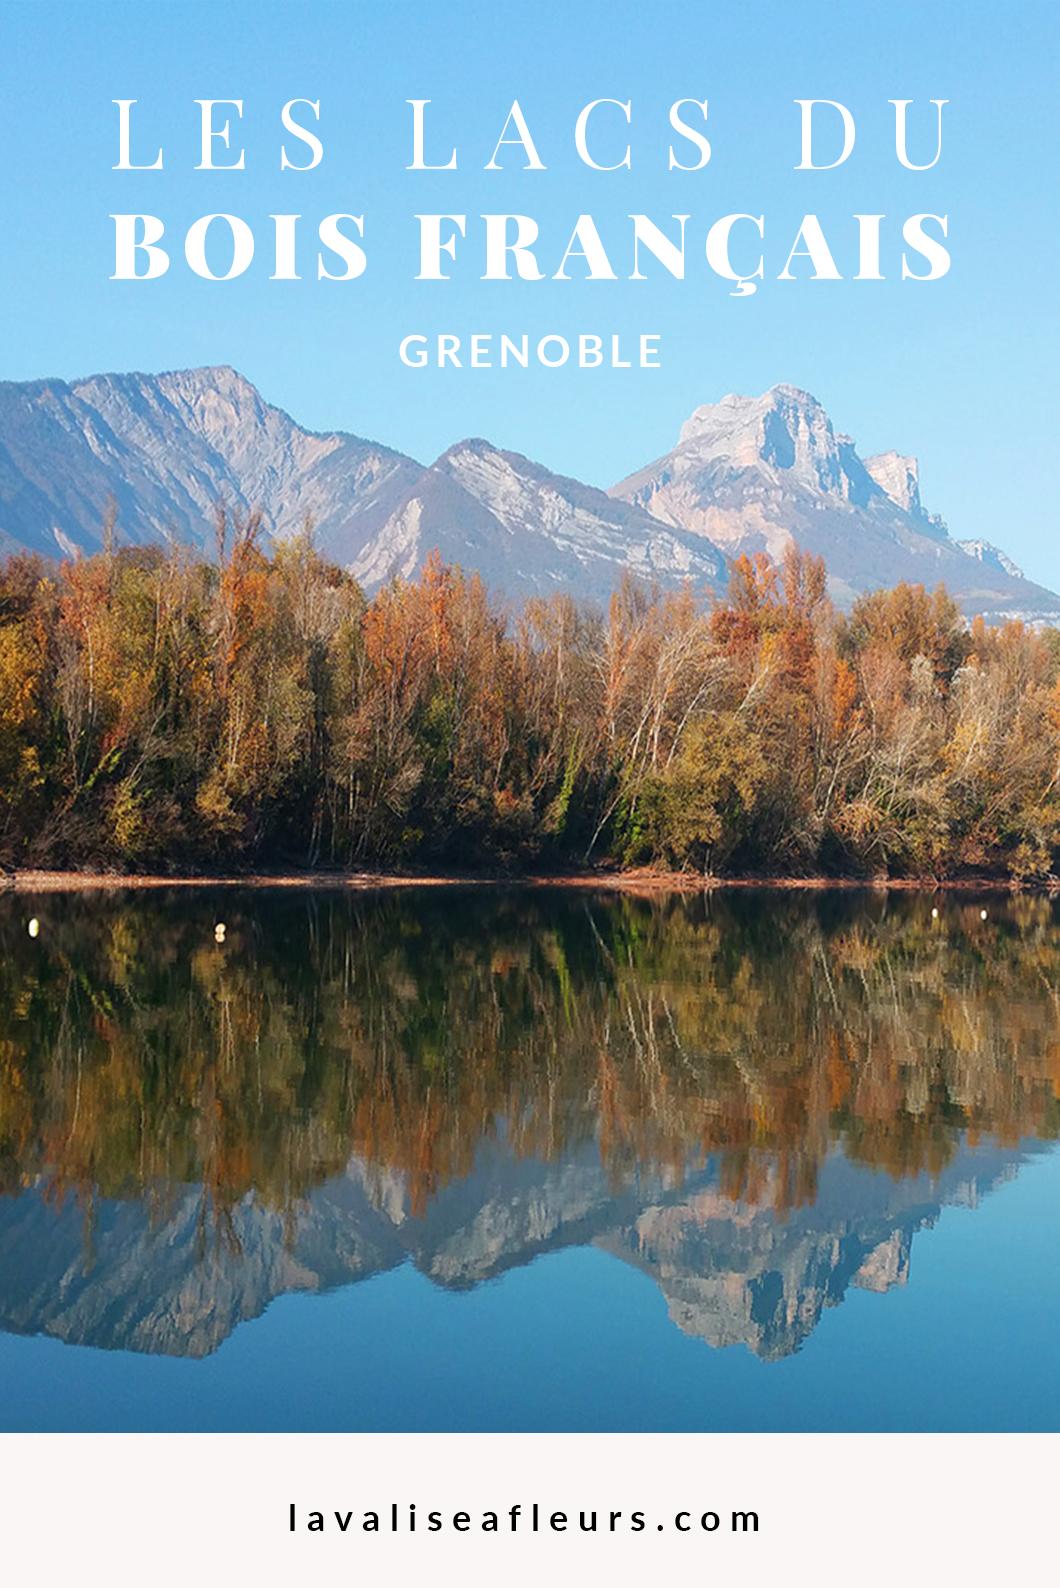 Les lacs du bois français, incontournables à Grenoble